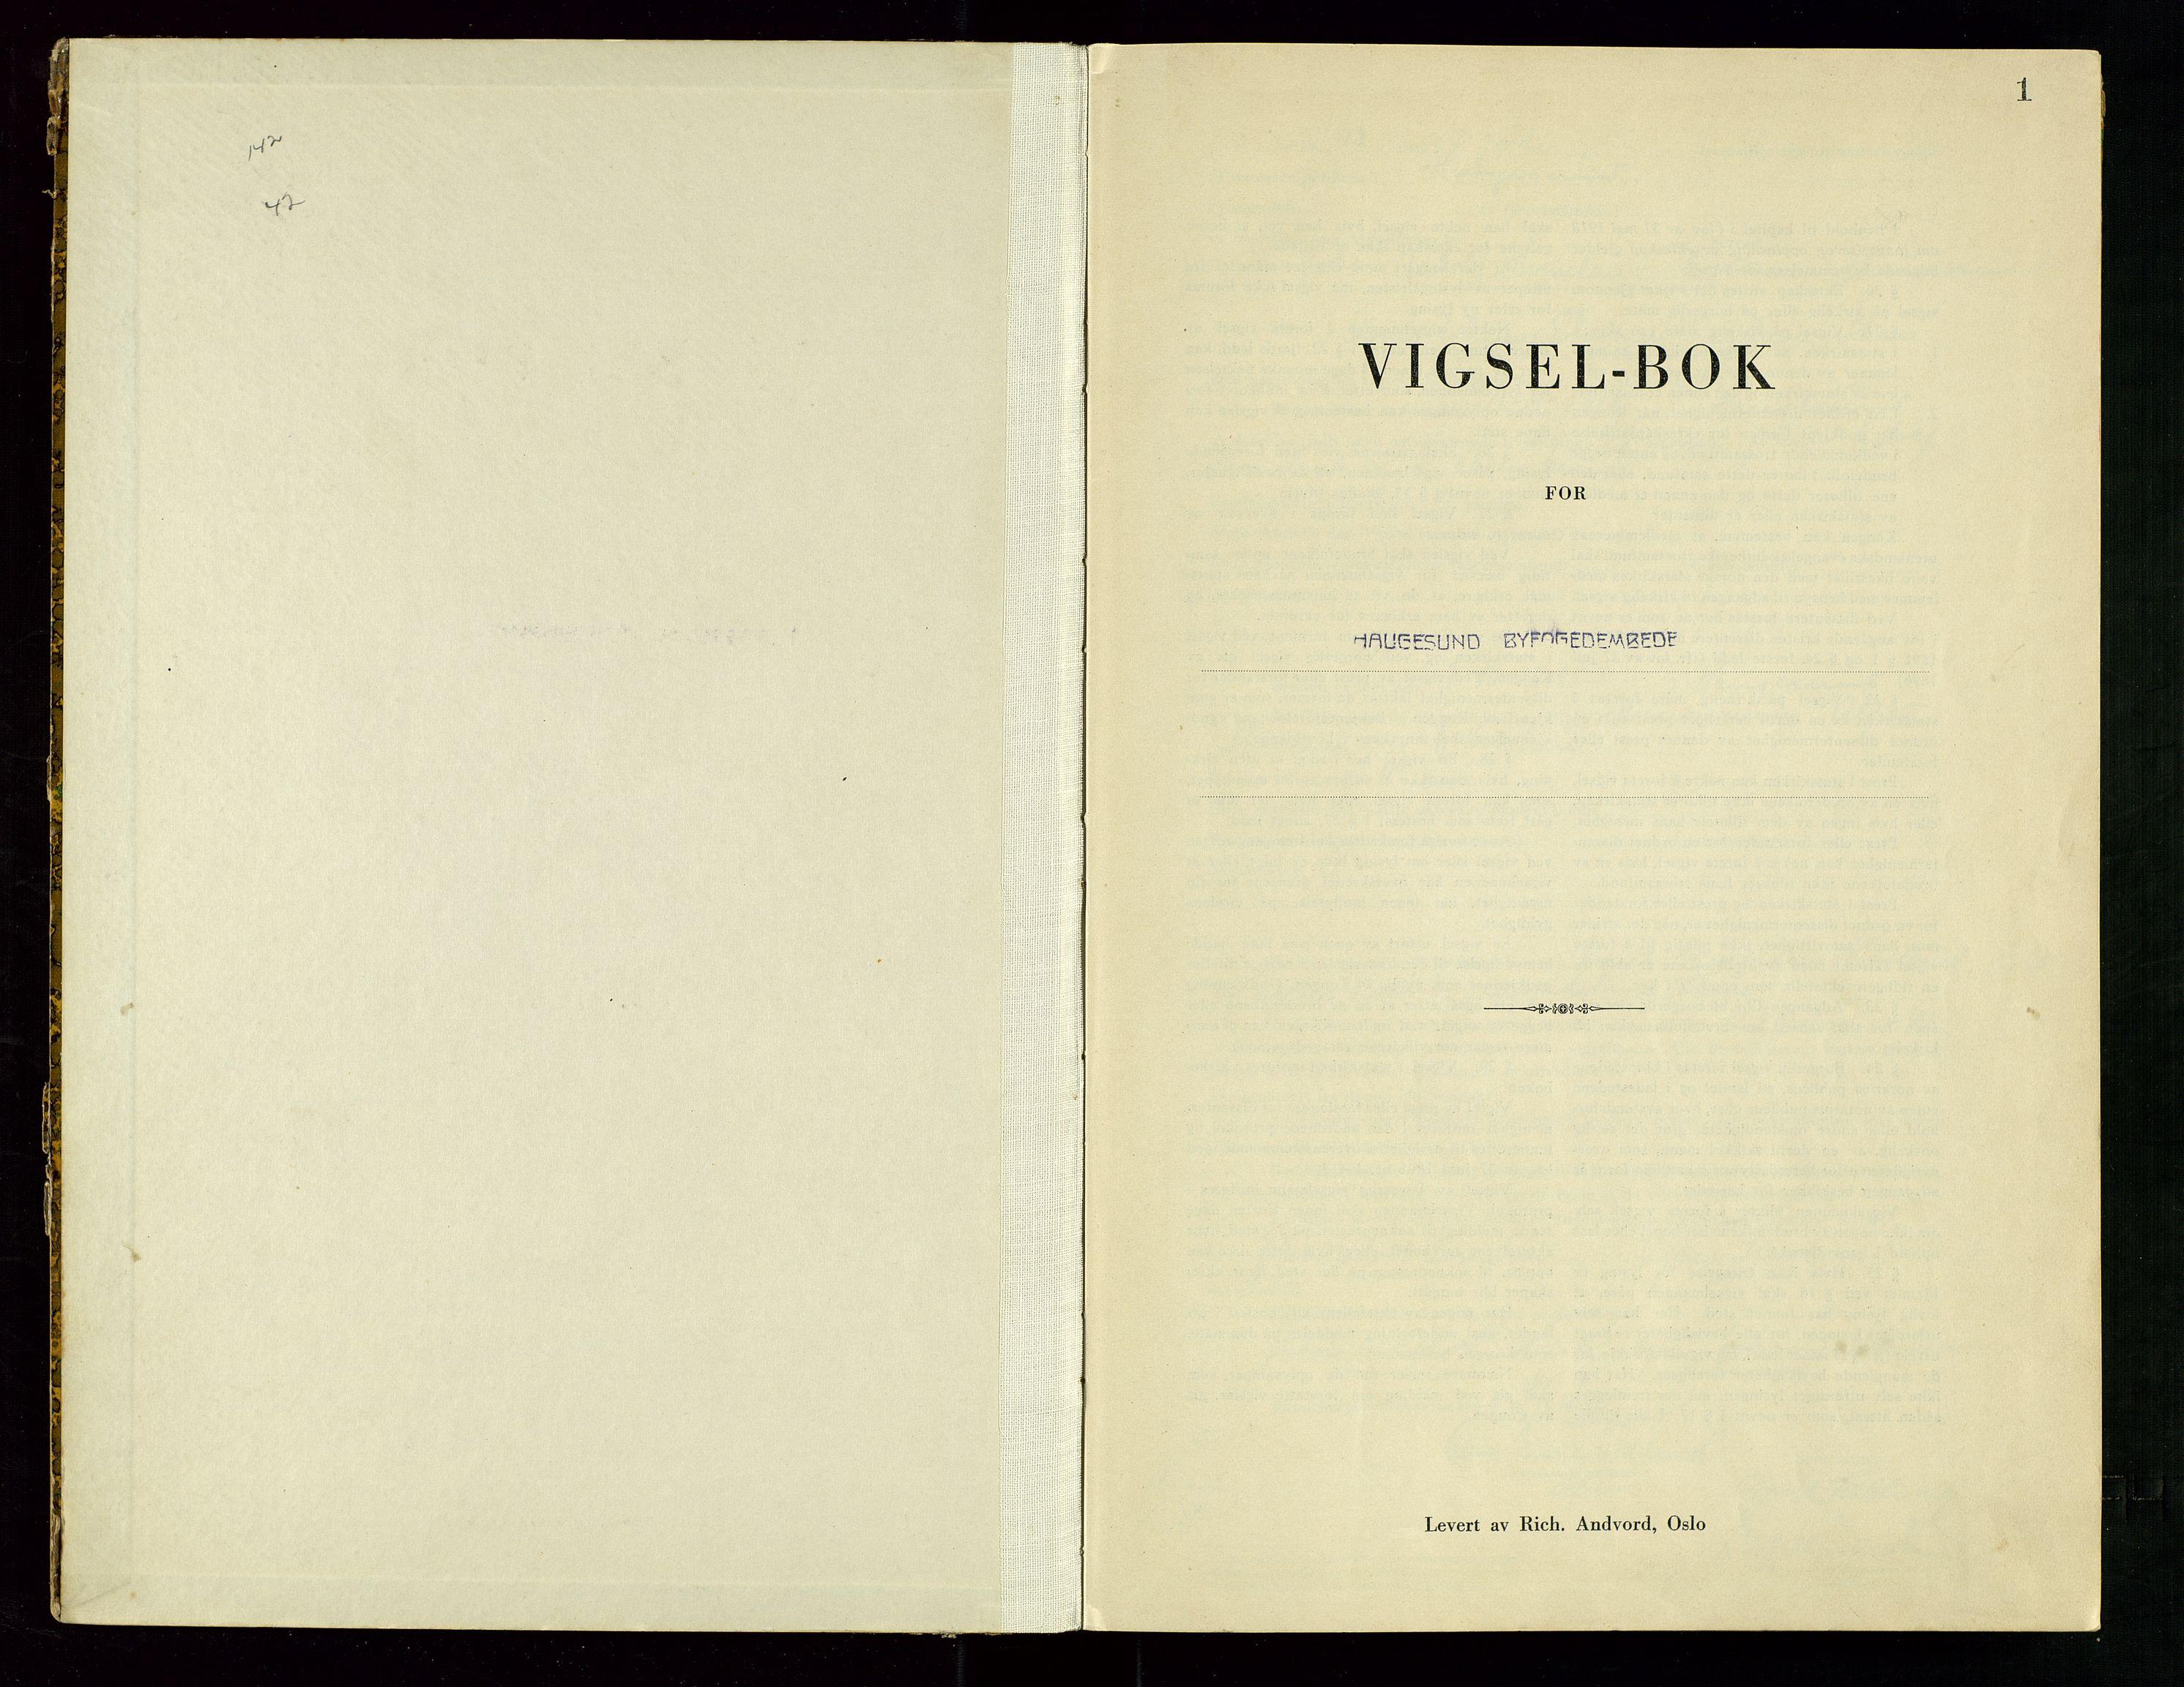 SAST, Haugesund tingrett, III/IIID/L0004: Vigselbok, 1943-1944, s. 1